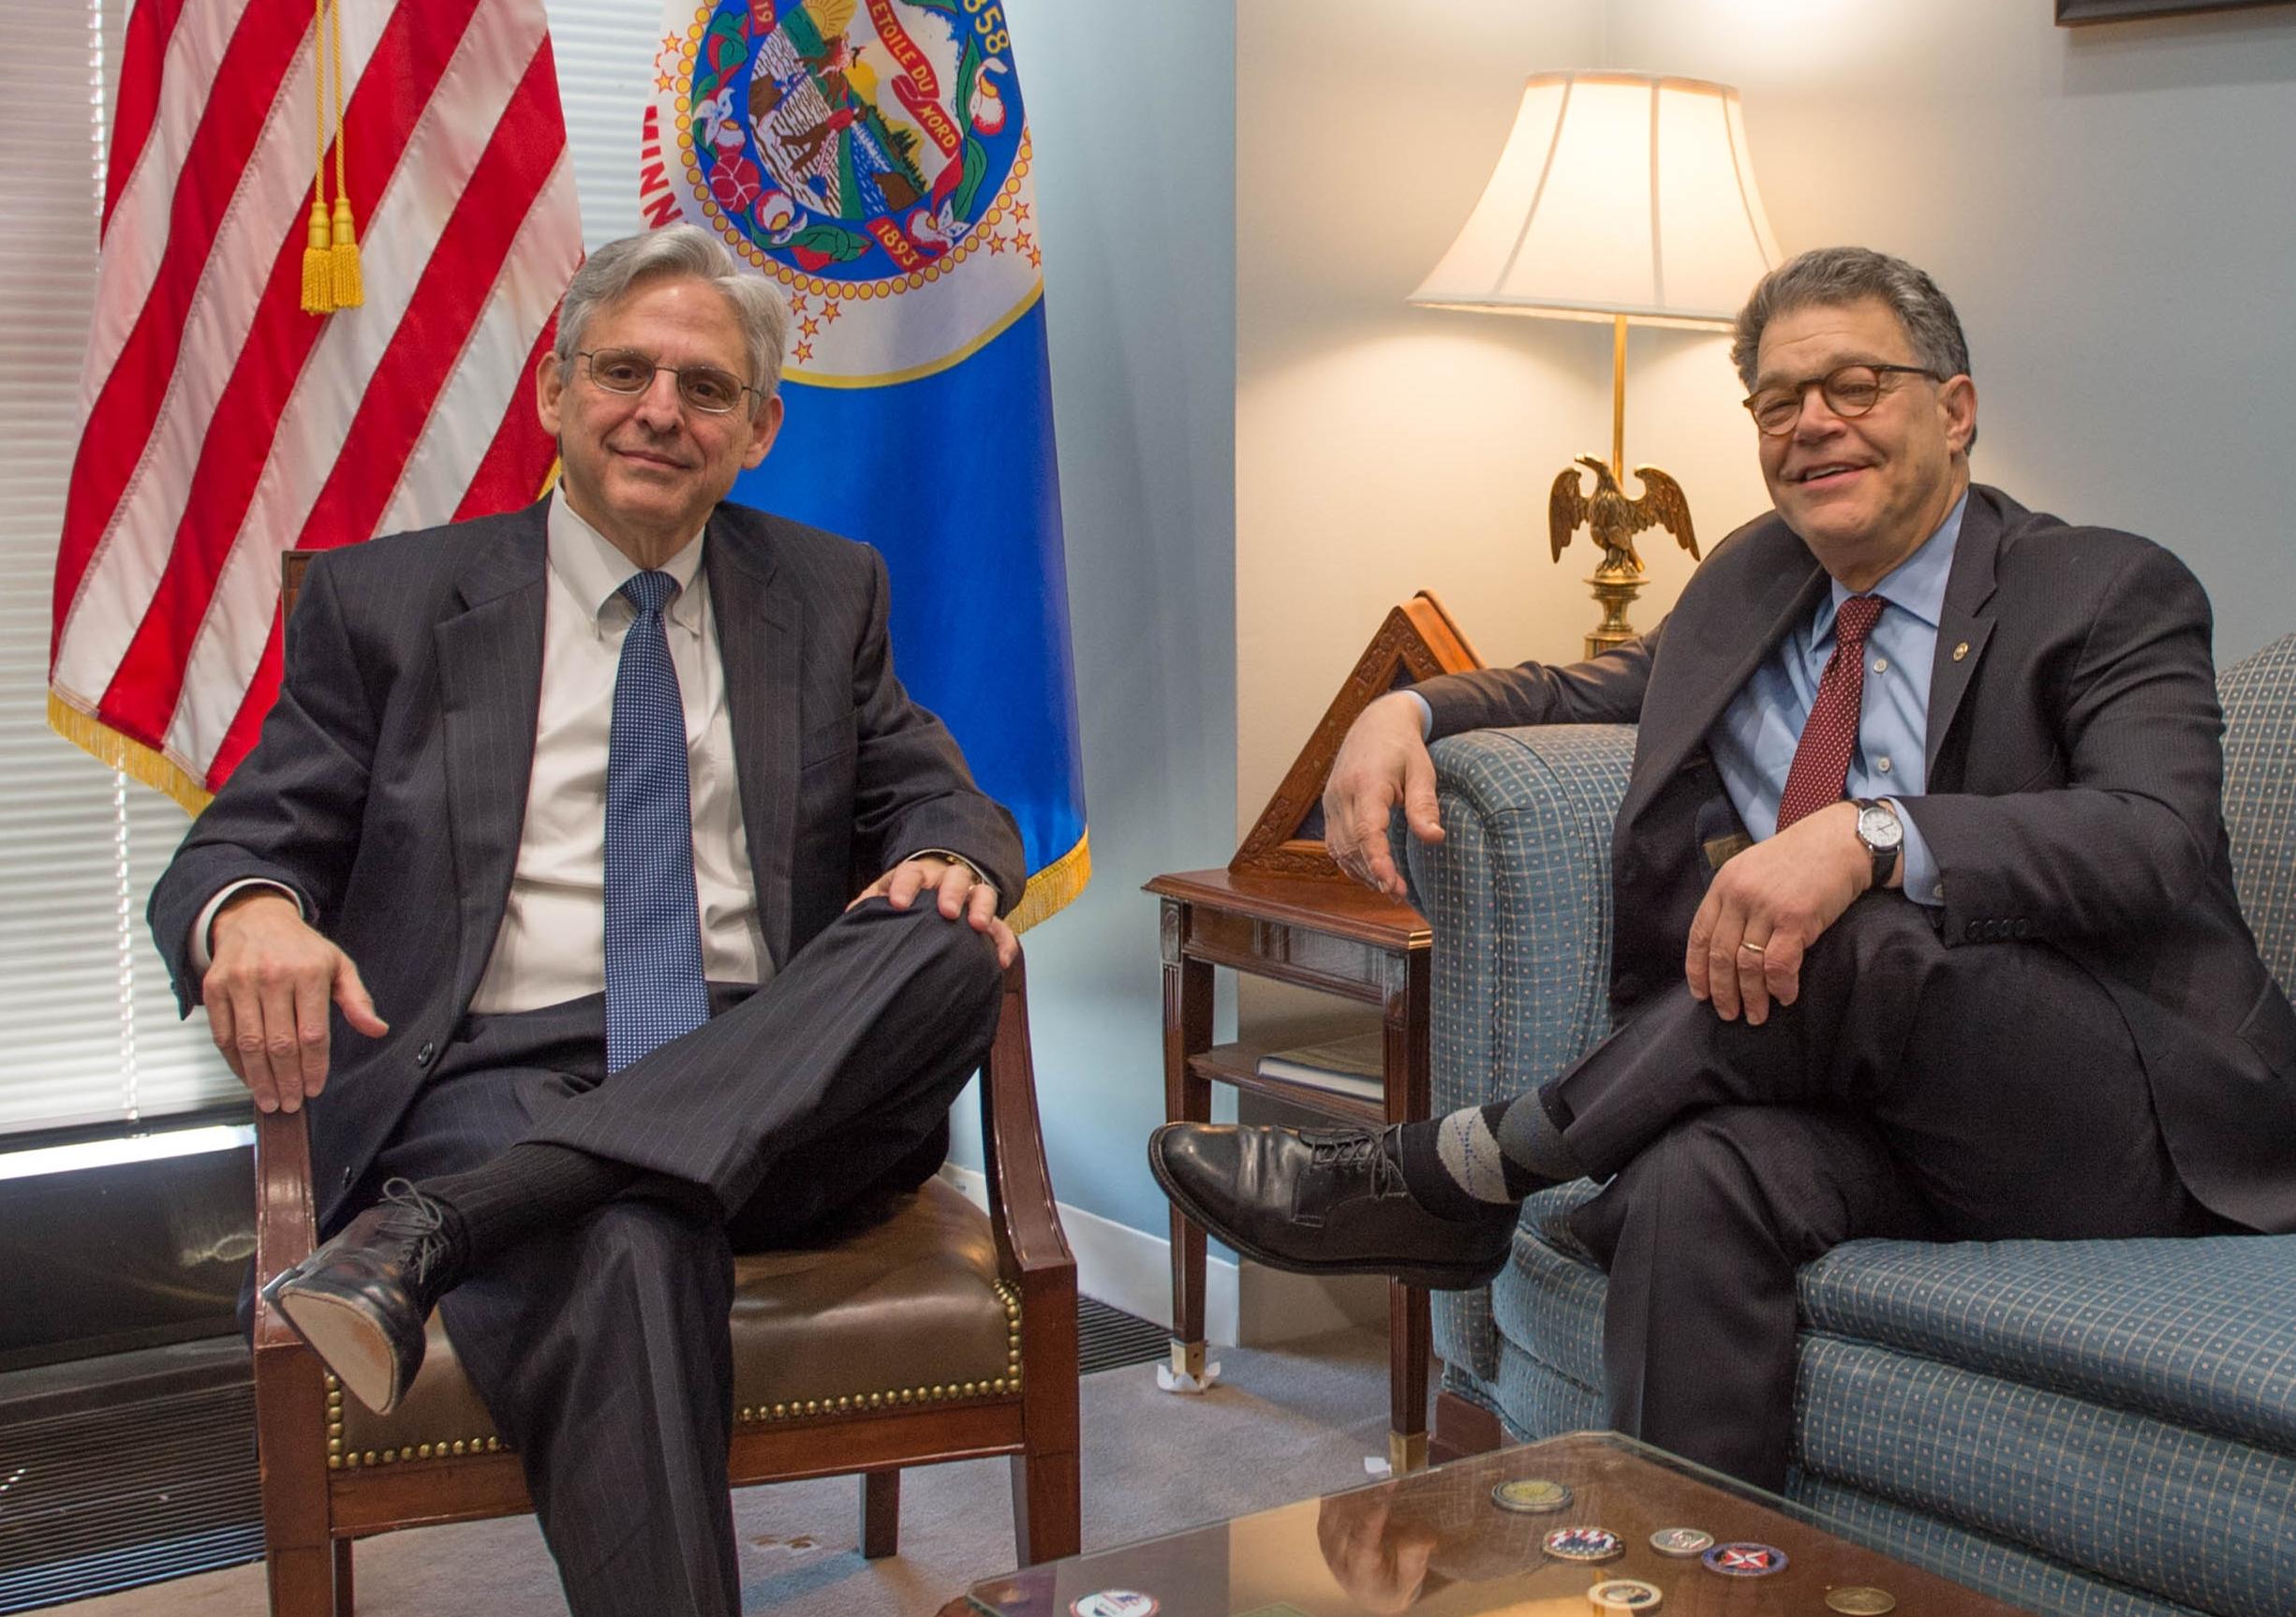 Senator Franken meets with Judge Merrick Garland. Image: Senate Democrats / Flickr CC BY 2.0